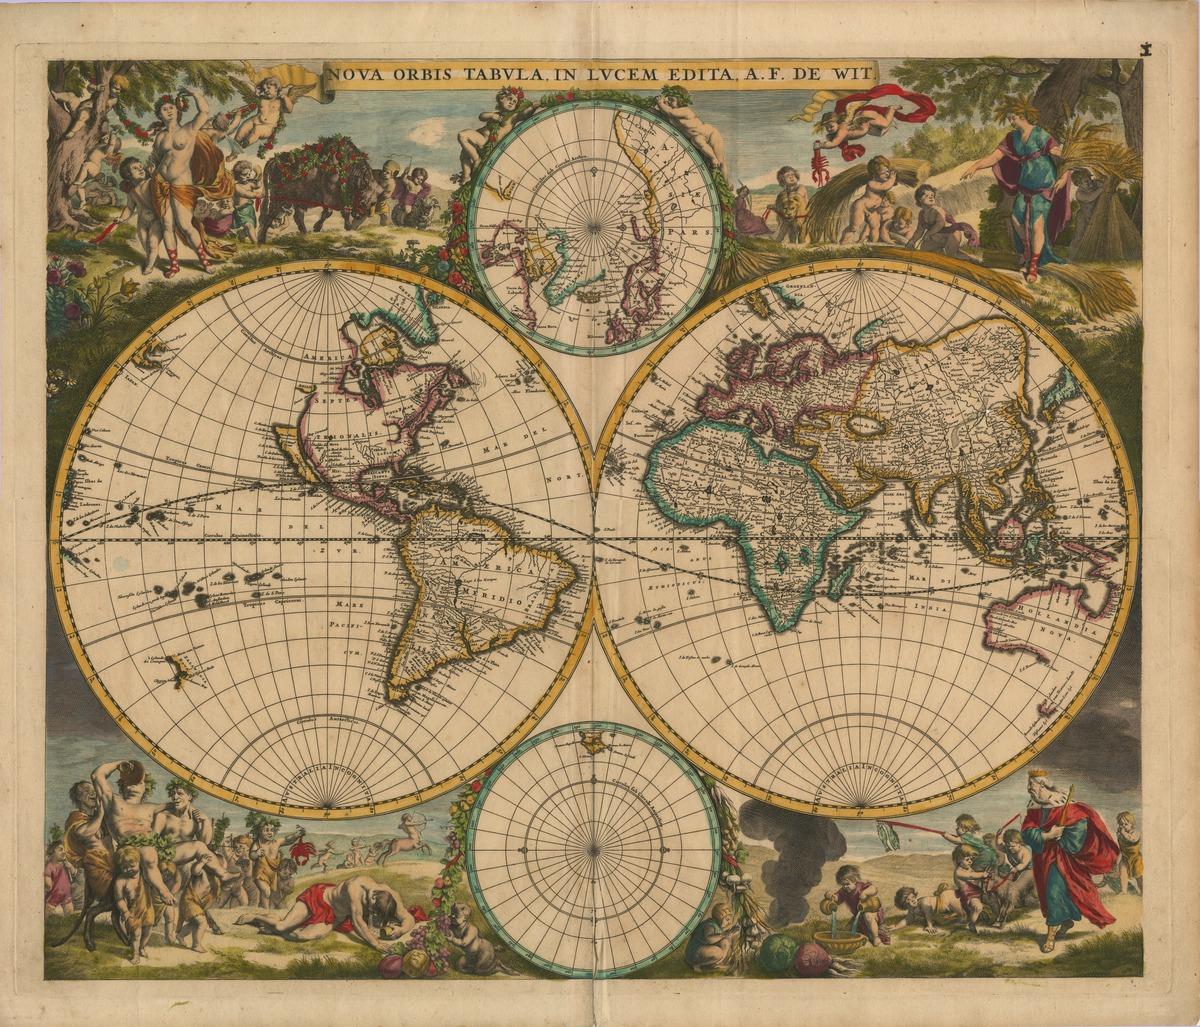 Вышивка старинная карта мира